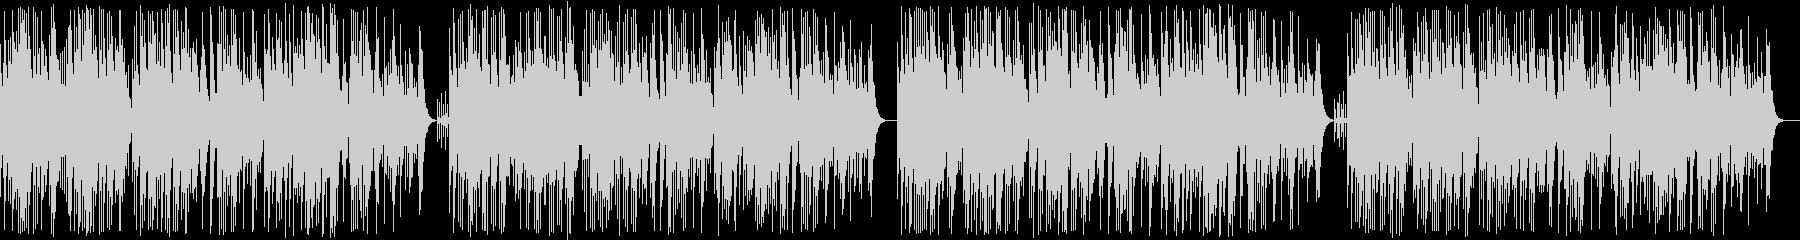 「古時計」オルゴールの未再生の波形